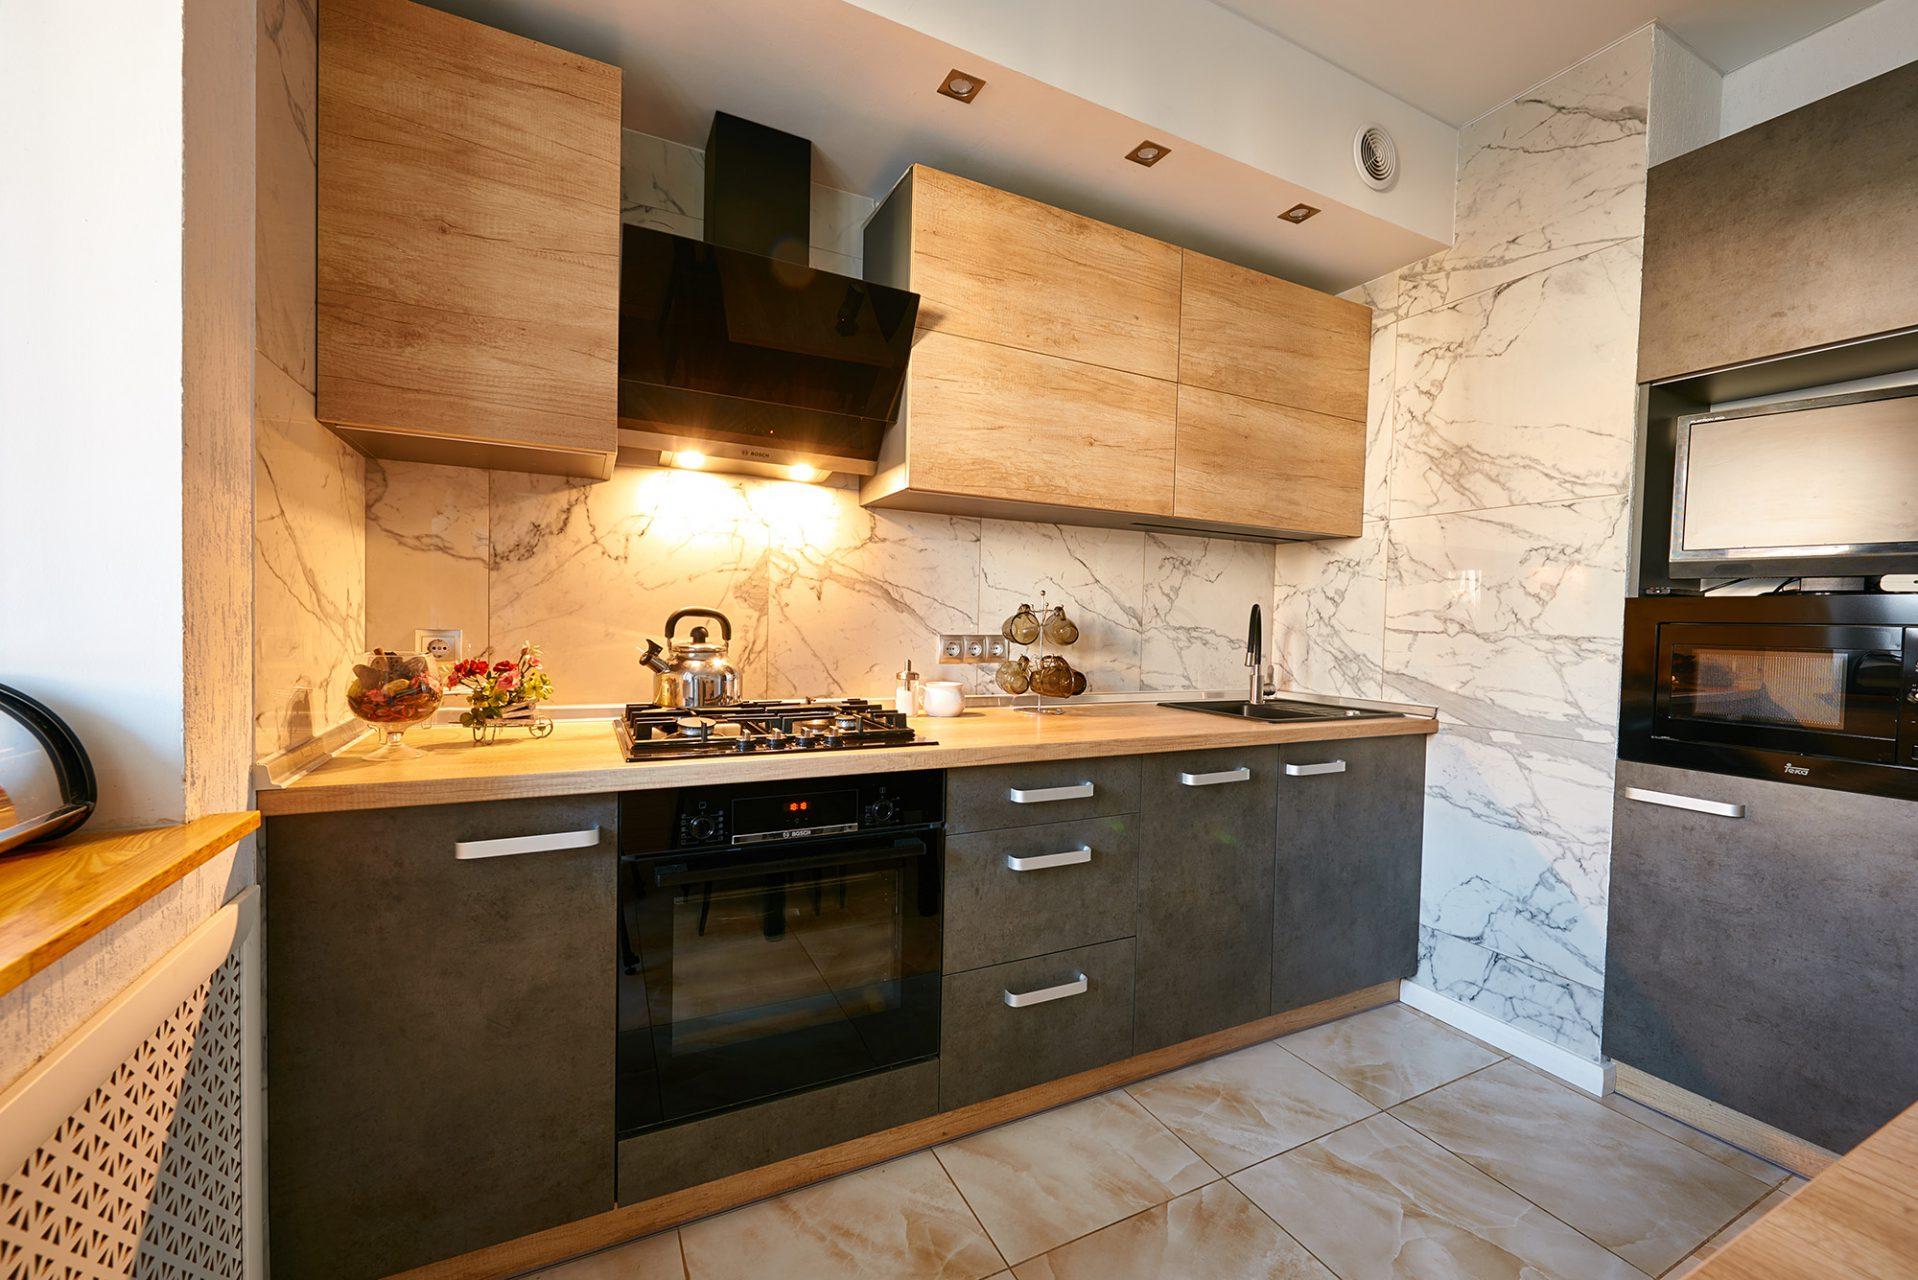 002_interior_kitchen2_korneychikeu